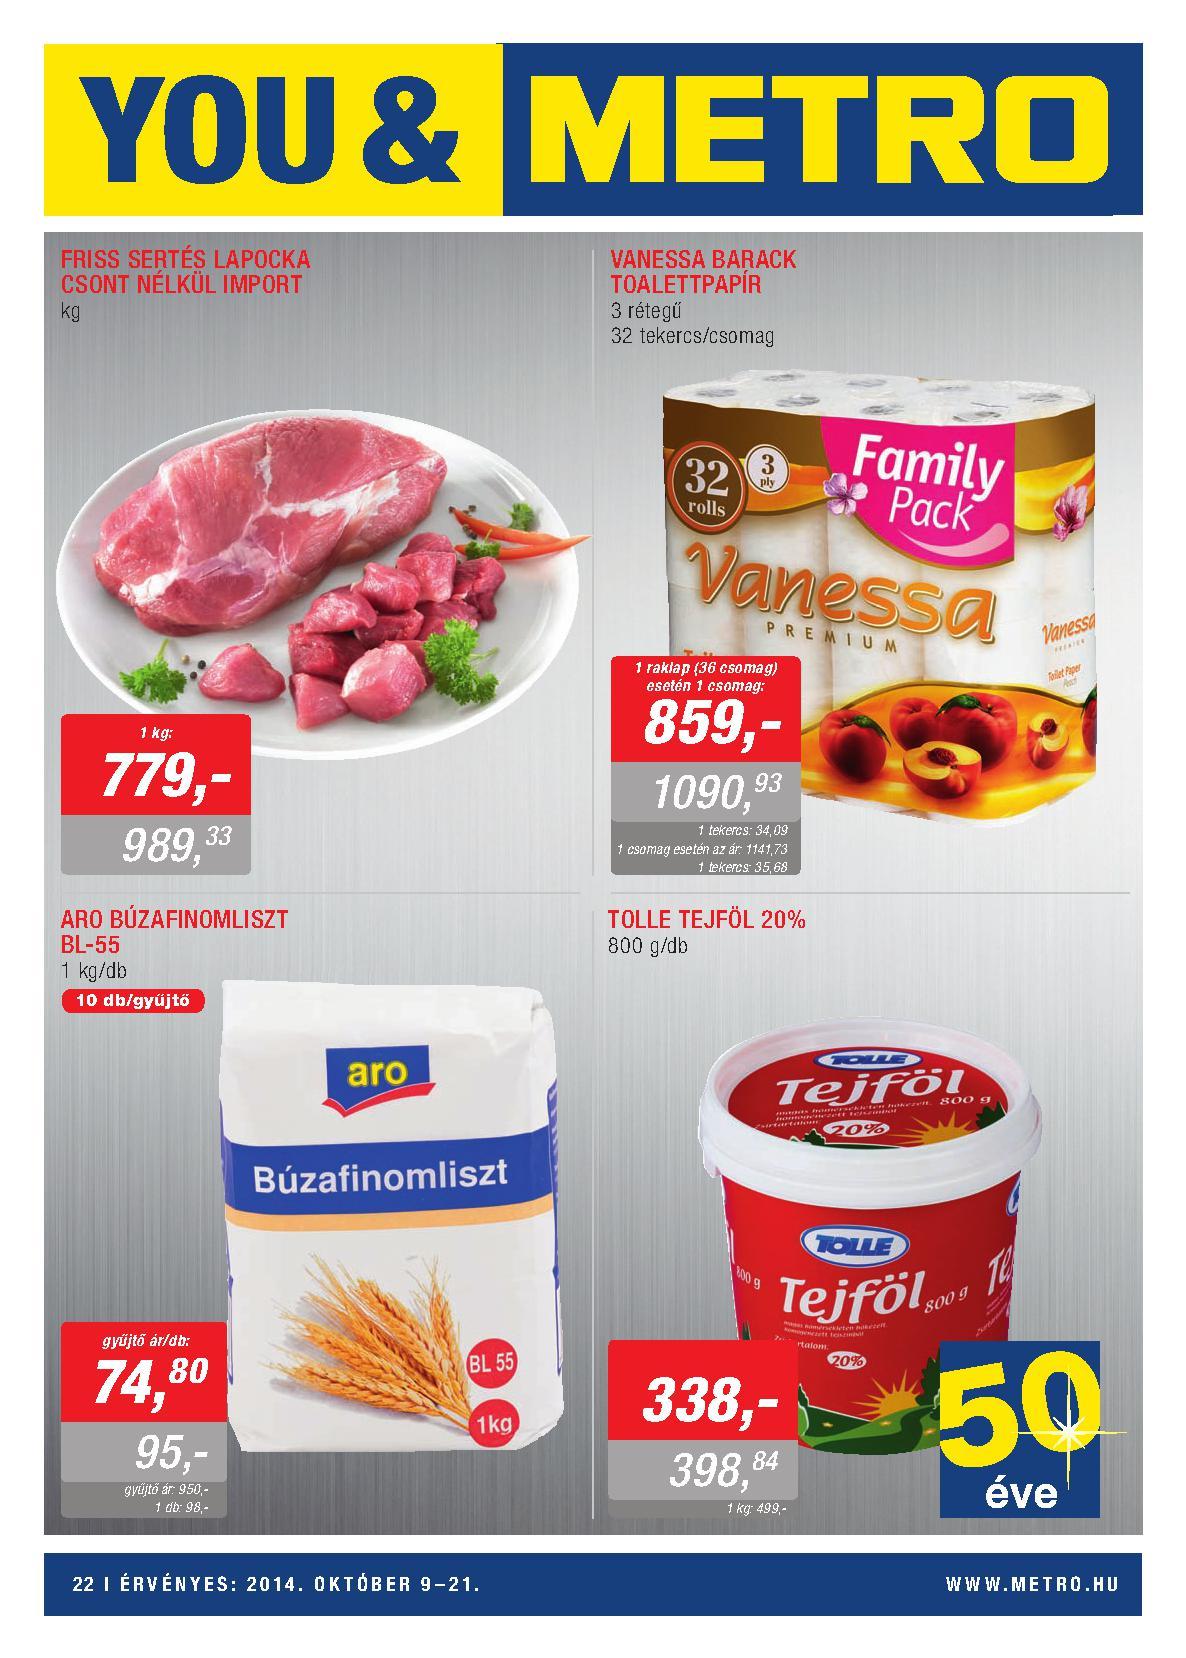 Metro Mađarska akcija prehrana